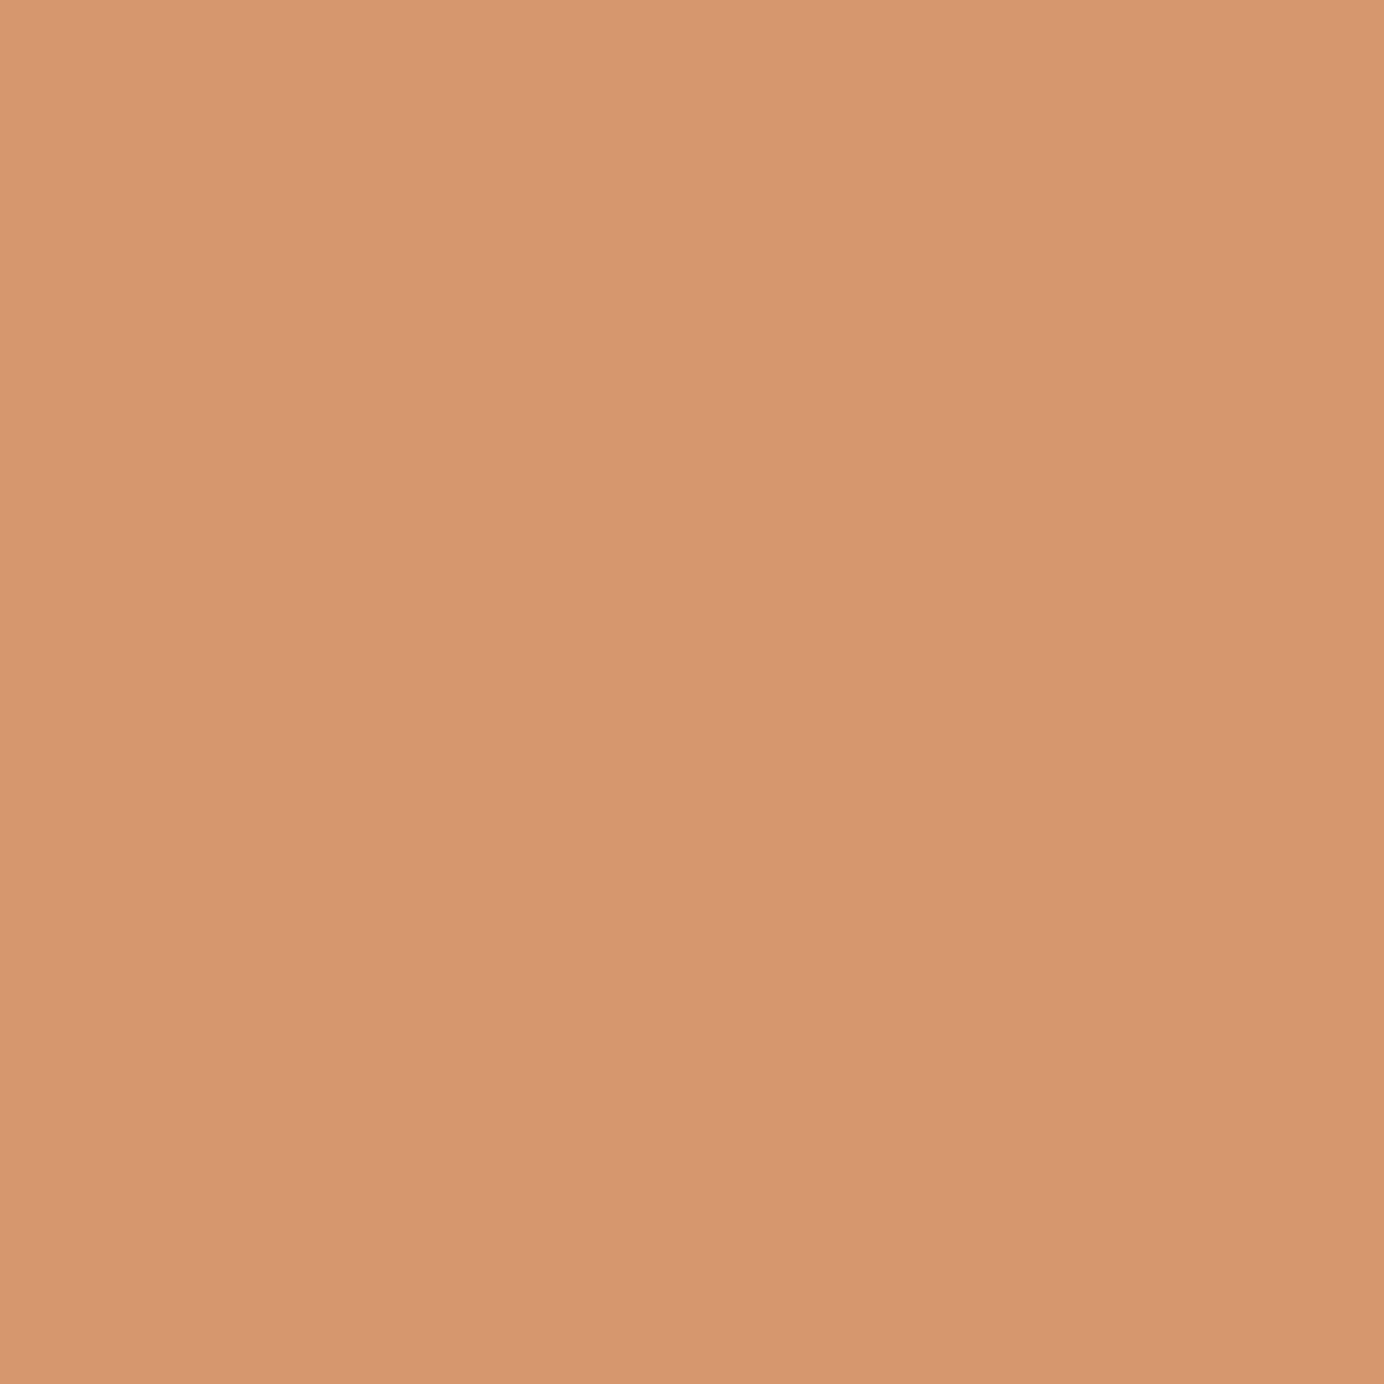 溶融ドラッグ酔っ払いSANMIMORE(サンミモレ化粧品) UVパクト 53号ピンク (レフィル 替パフ付)